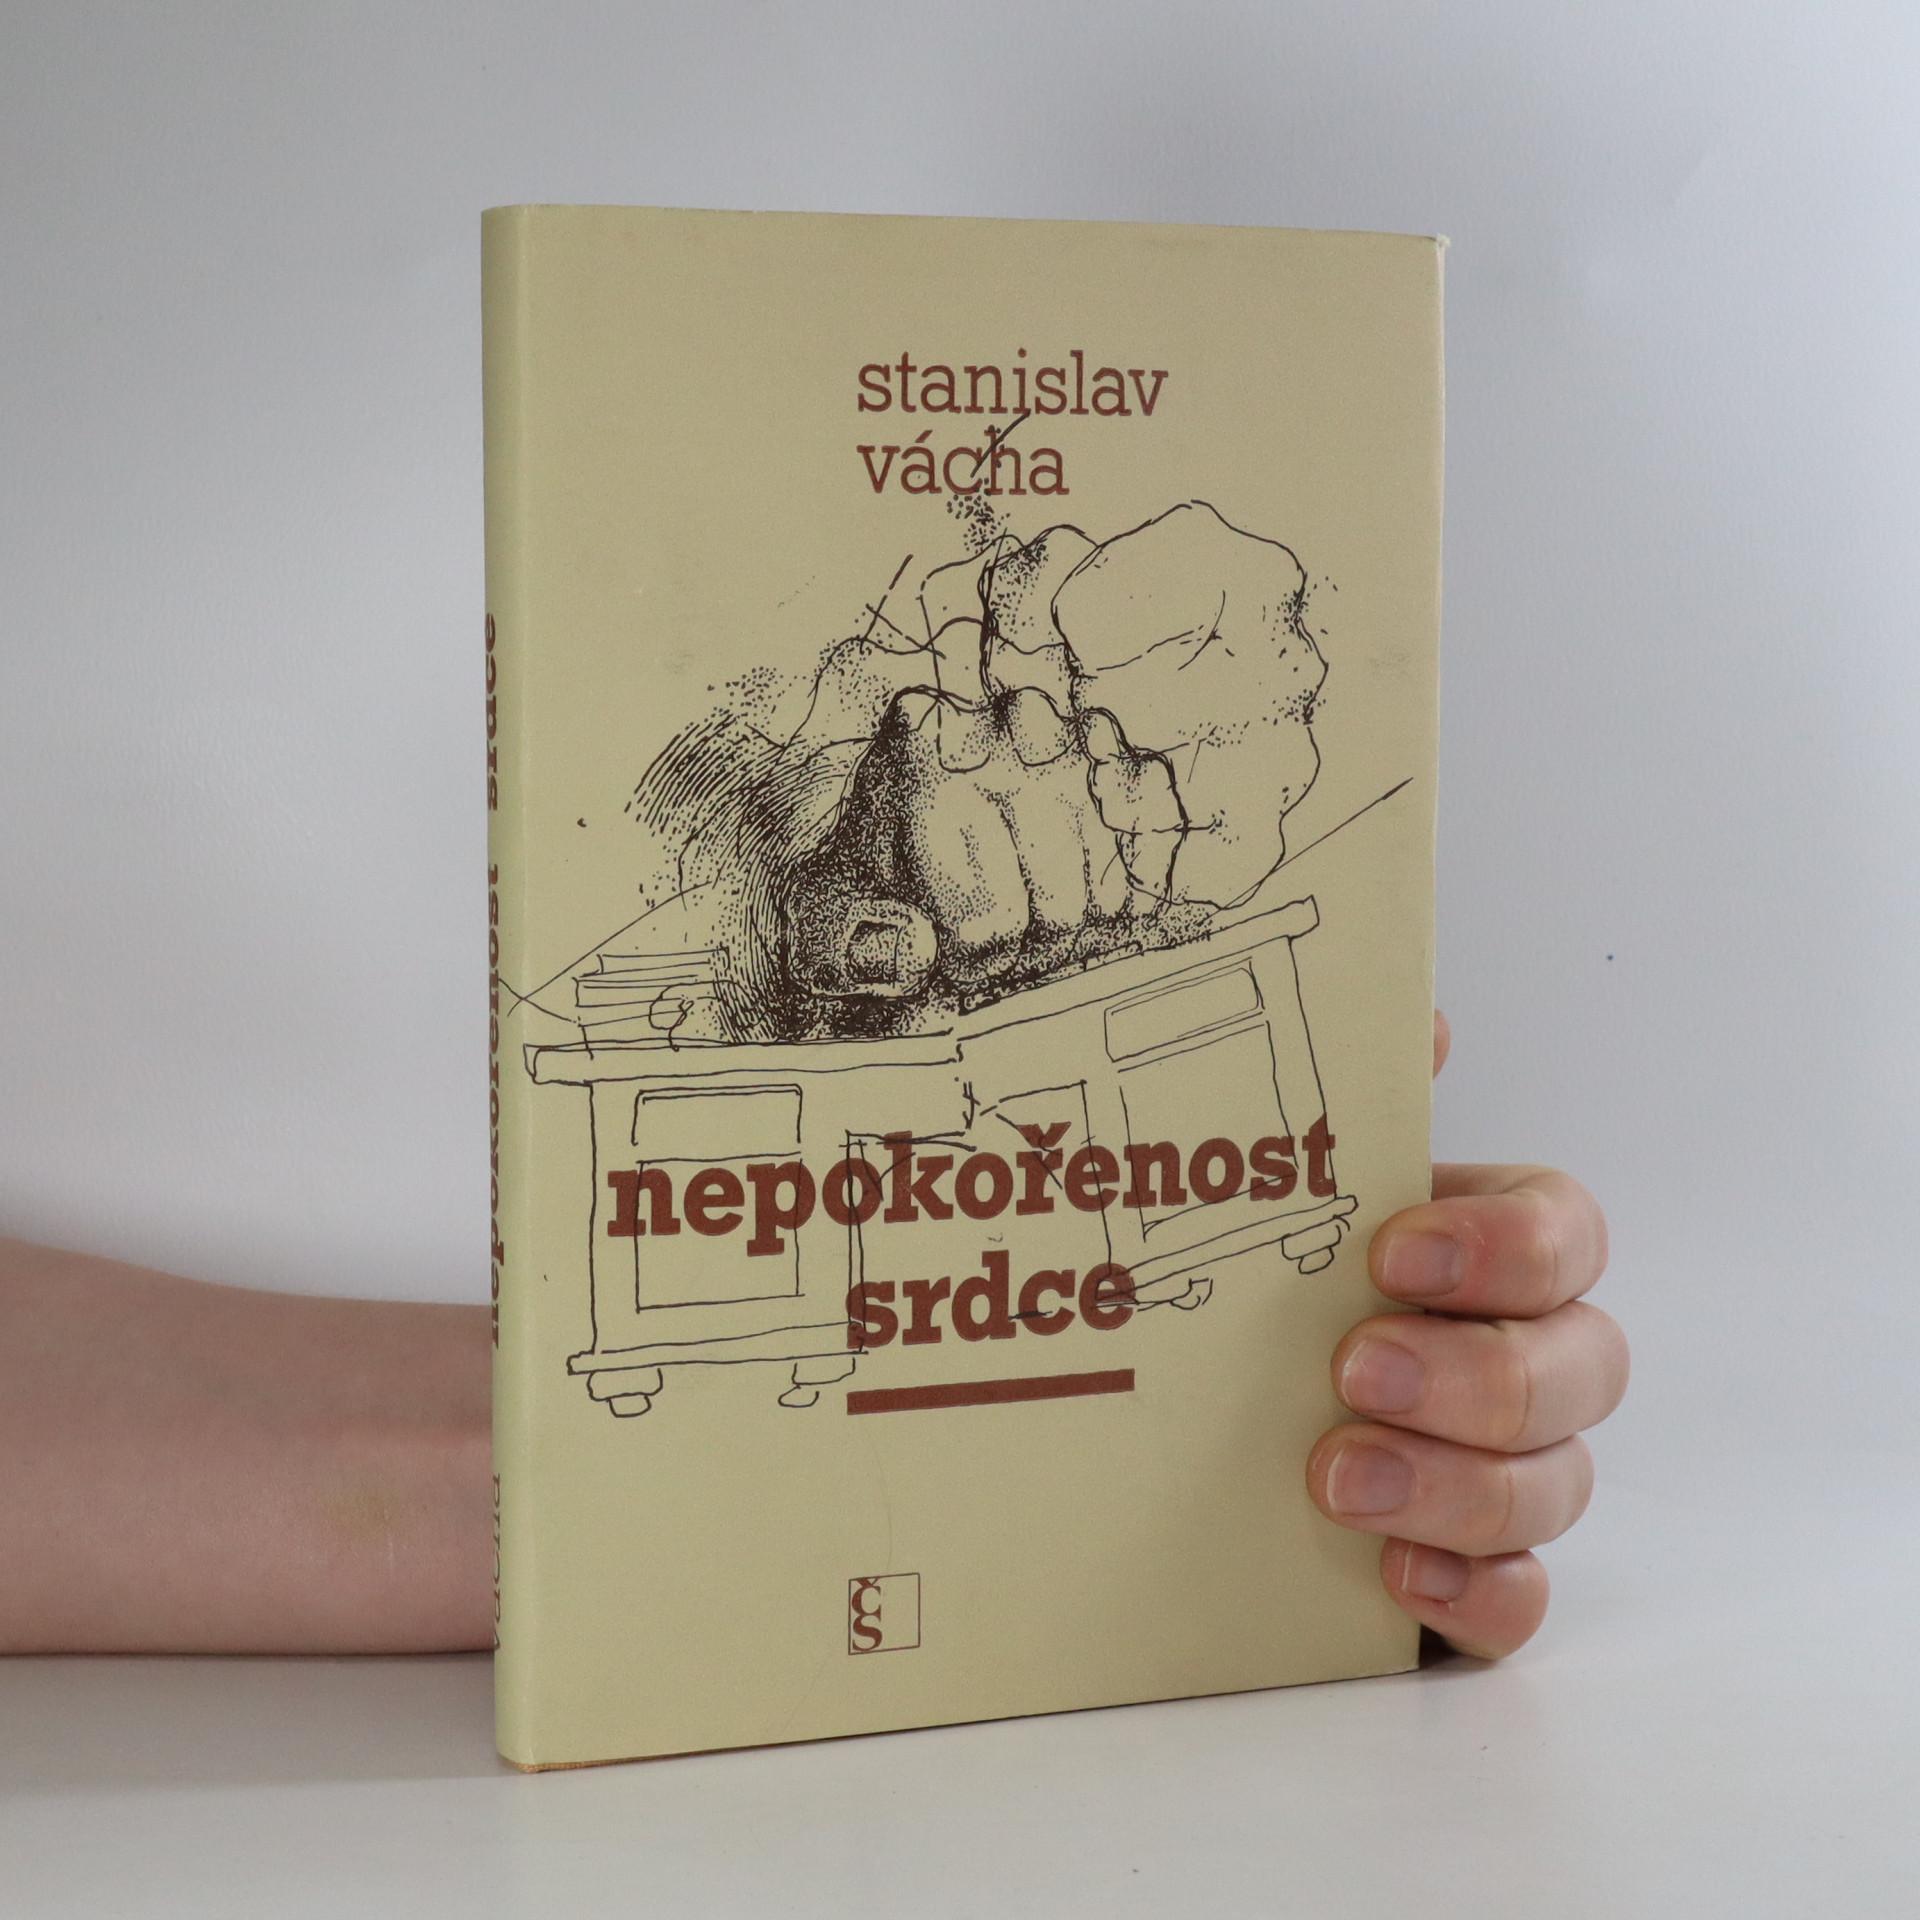 antikvární kniha Nepokořenost srdce , 1984